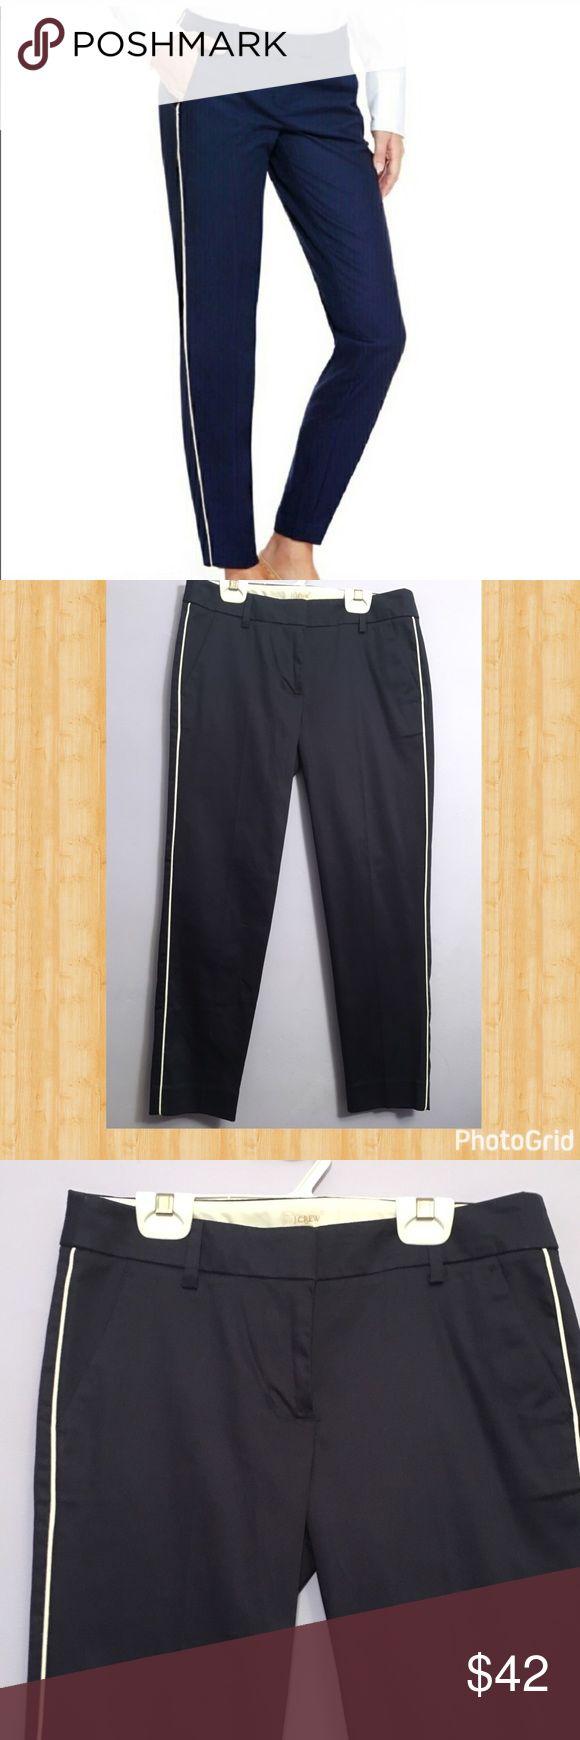 Navy blue tuxedo pants with white stripe on side J. Crew navy blue pants with stretch. J. Crew Pants